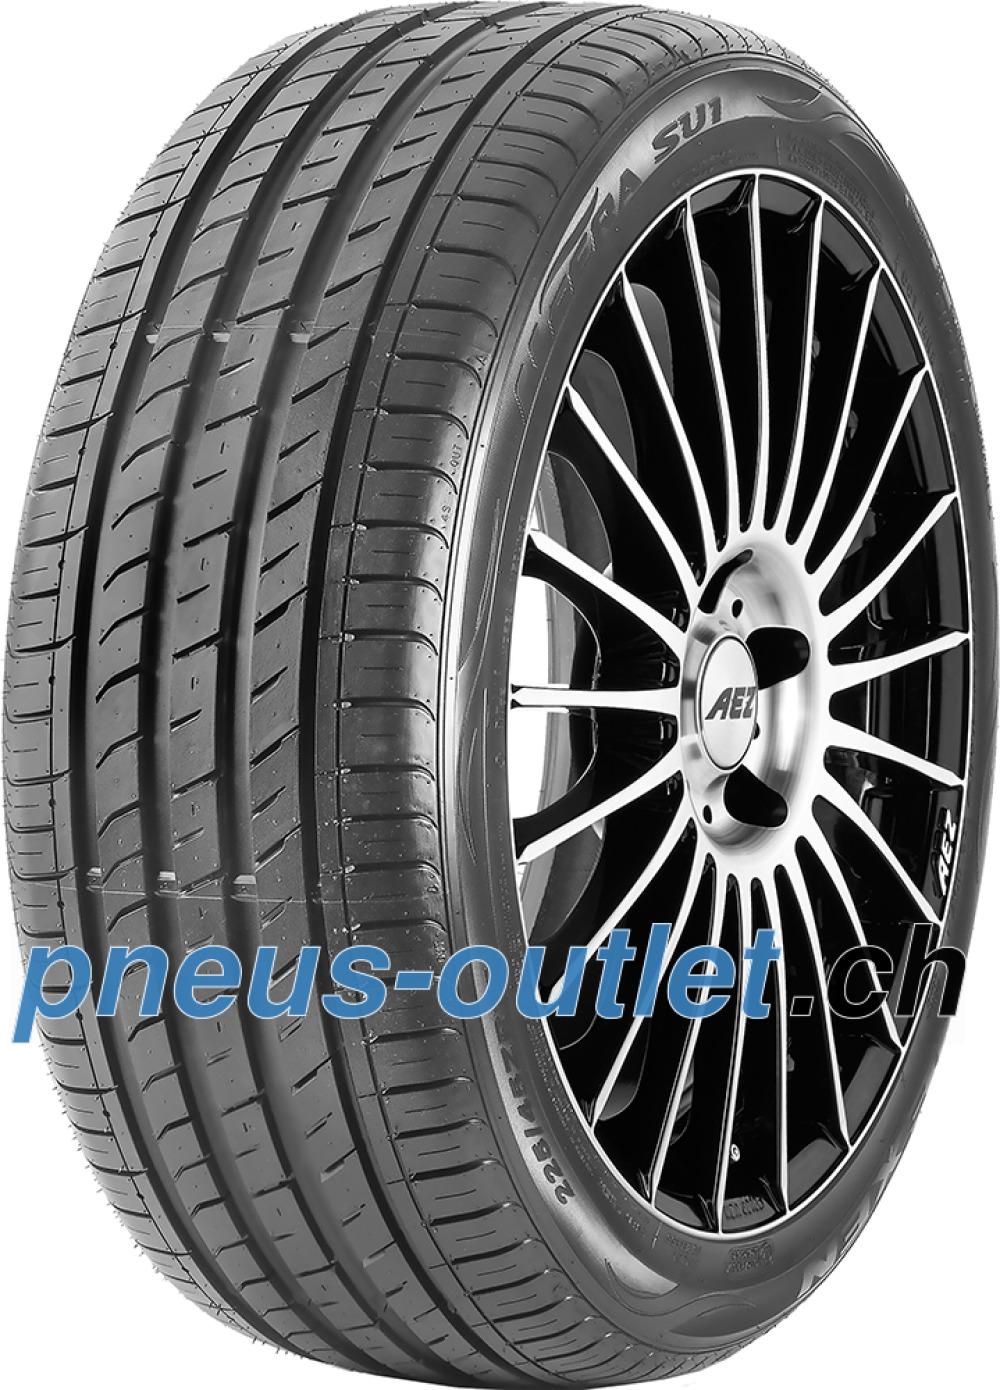 Nexen N Fera SU1 ( 255/40 ZR19 100Y XL 4PR RPB )